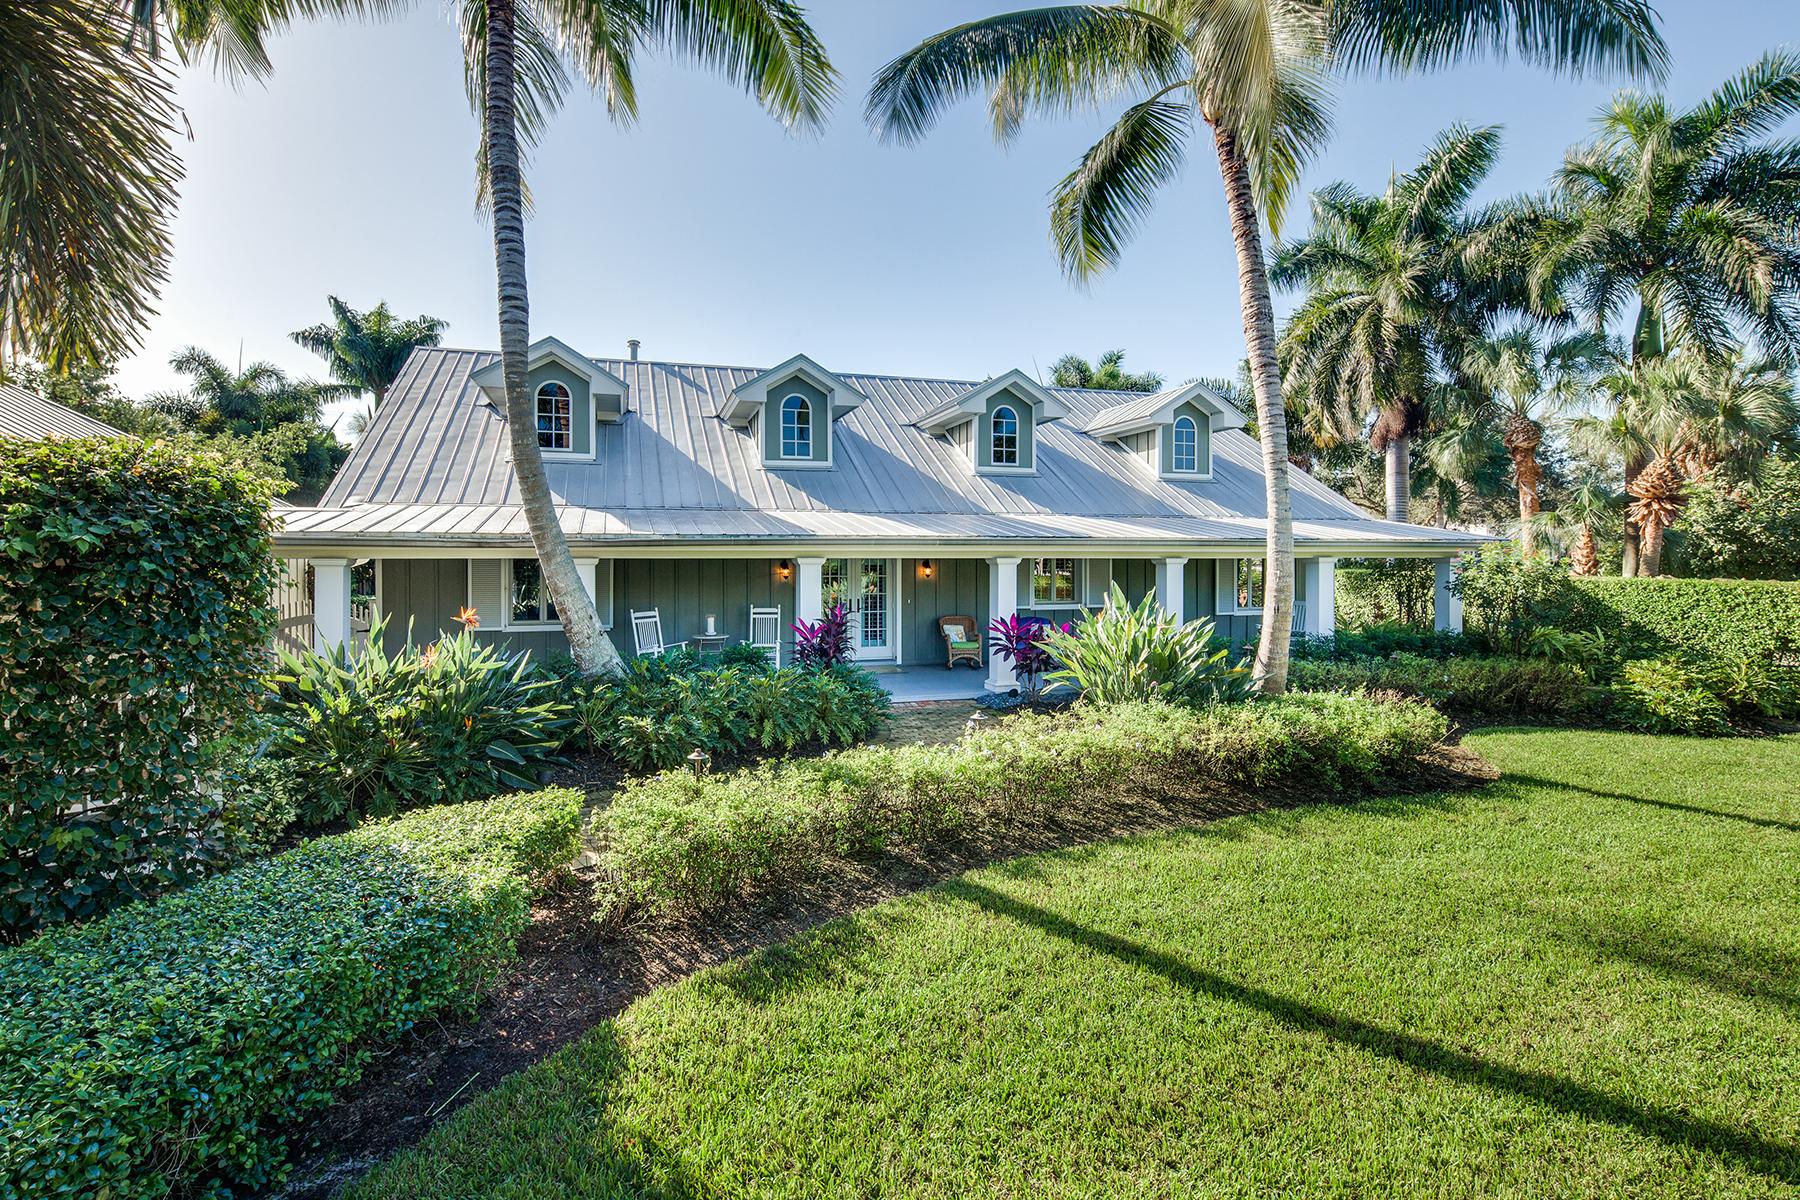 独户住宅 为 销售 在 OLDE NAPLES 726 1st Ave N 那不勒斯, 佛罗里达州 34102 美国